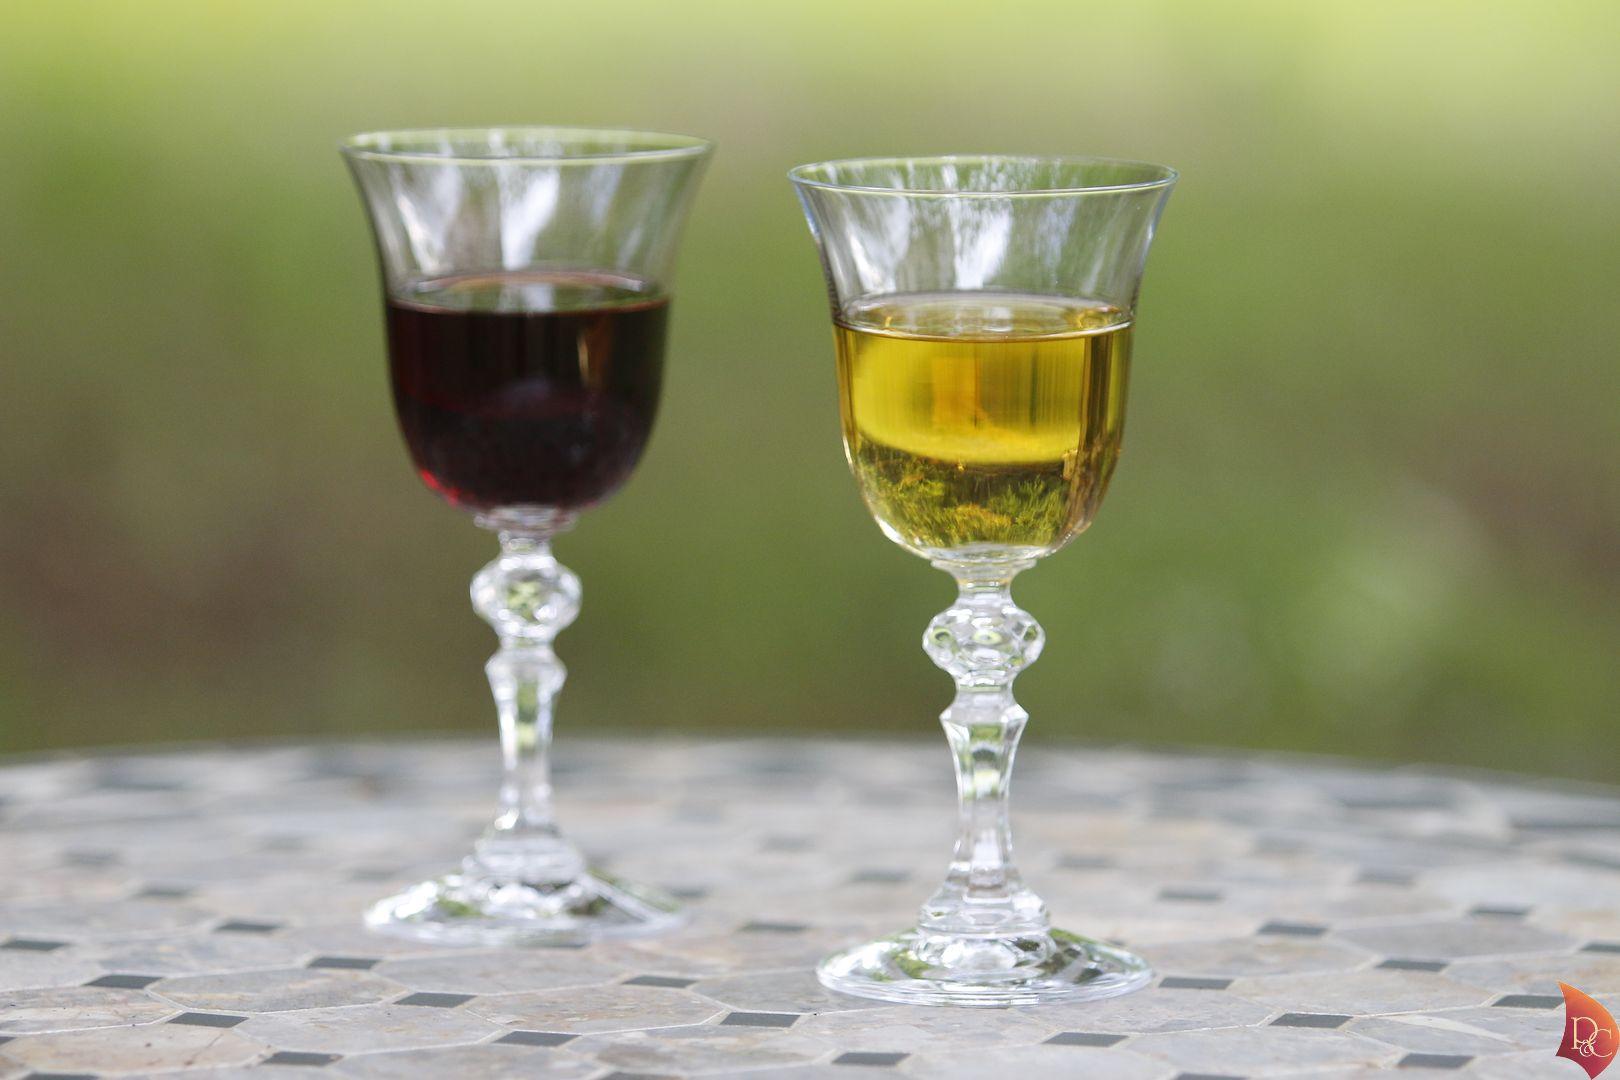 P&C Verre Pineau des Charentes Blanc Rouge